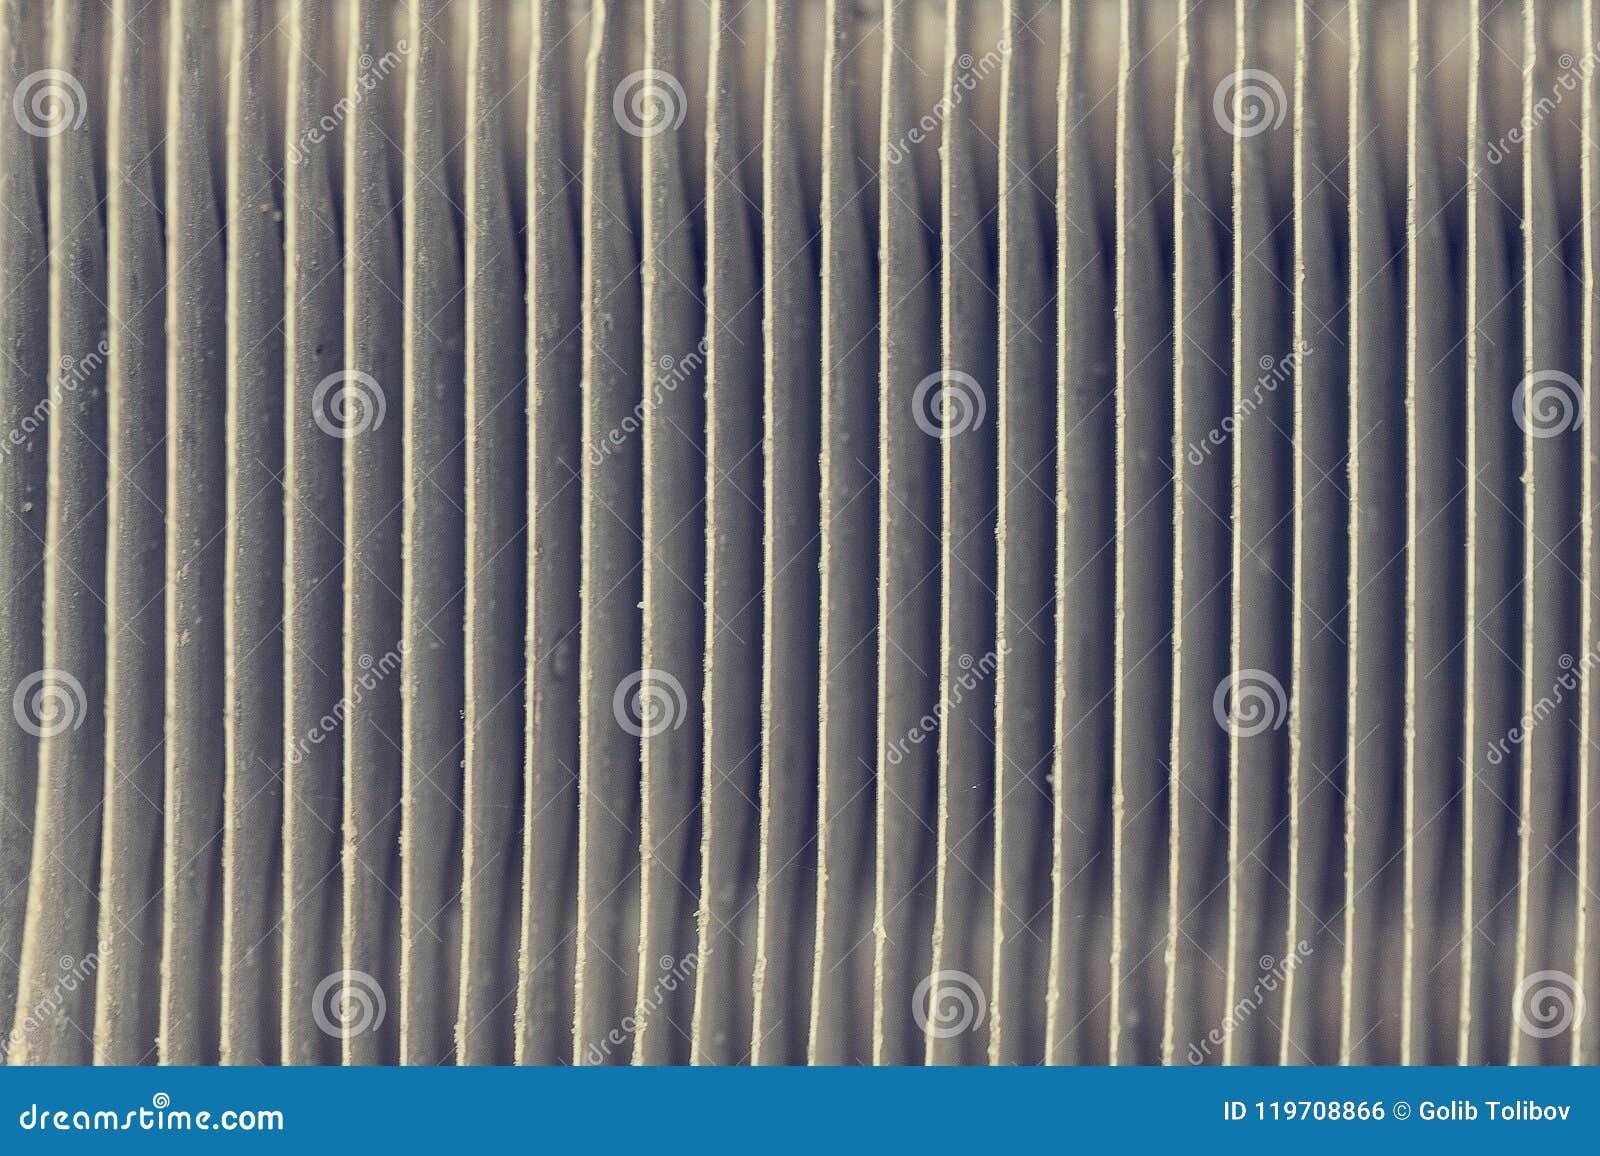 Schließen Sie herauf Autoklimaanlagenkondensator-Einheitsbeschaffenheit Telekommunikationsgeräte-Heizkörper Getontes Bild